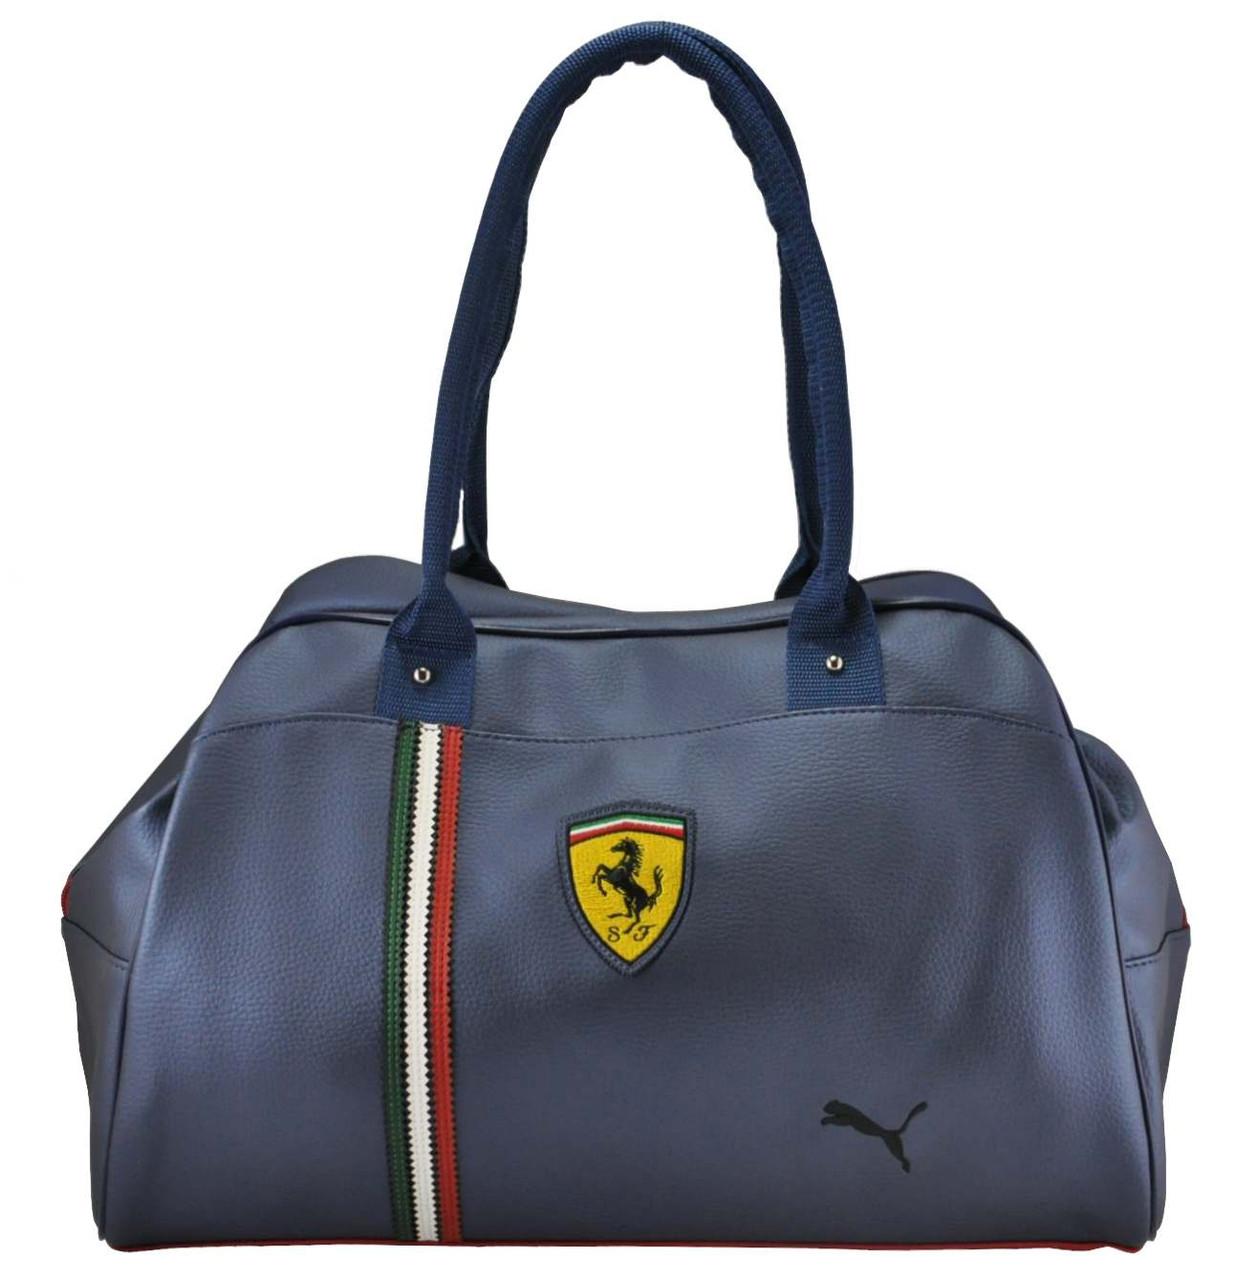 53ea506de79a Спортивная сумка Puma Ferrari трансформер синяя реплика - Интернет магазин